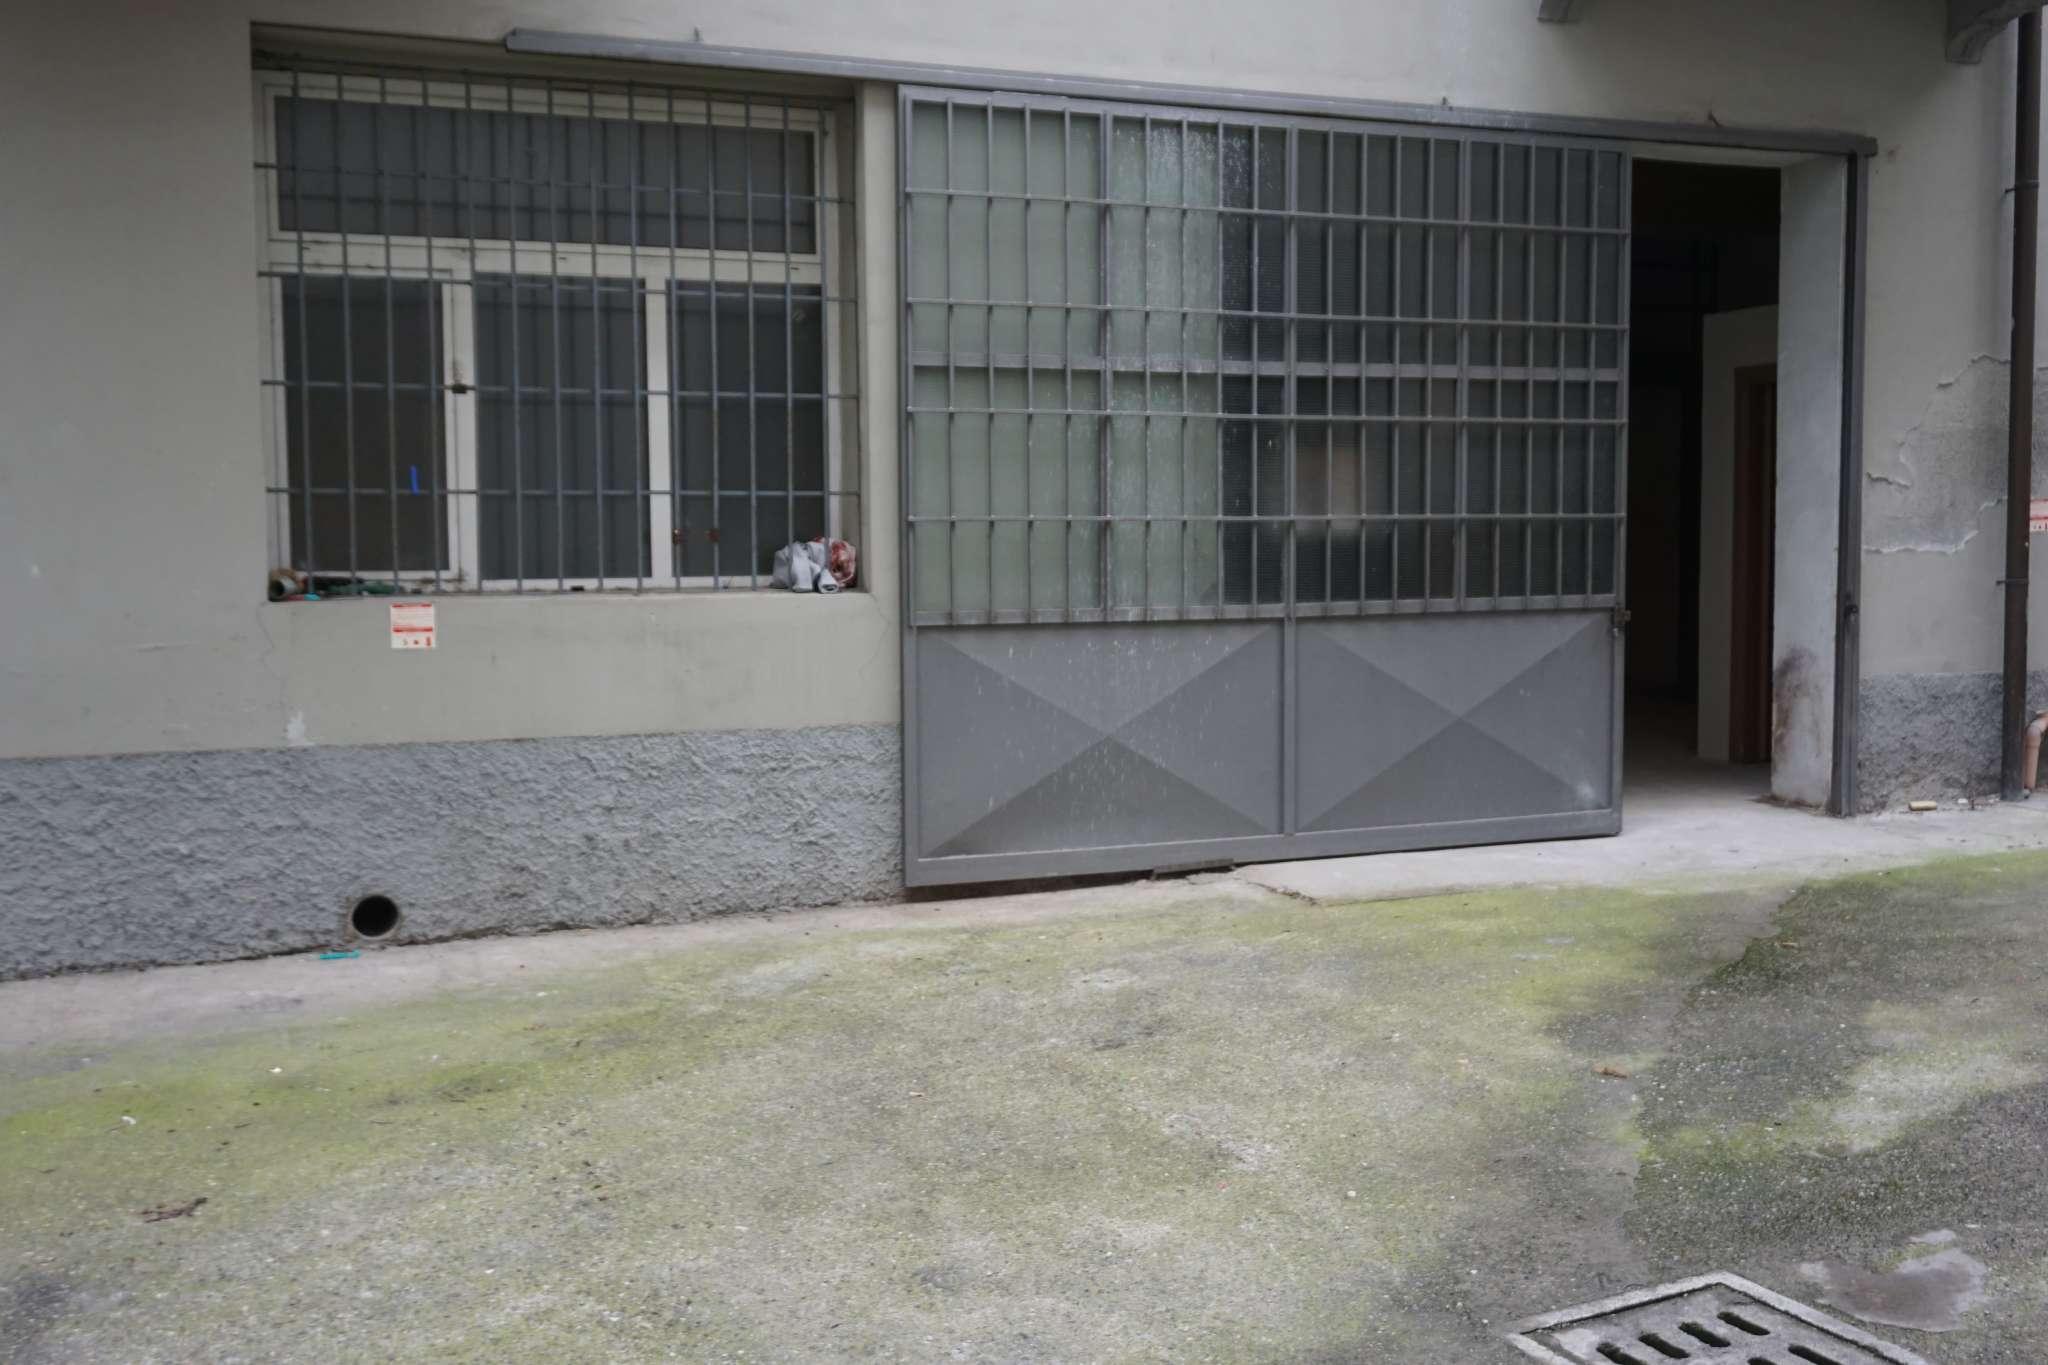 Laboratorio in Affitto a Milano 11 Loreto / Piola / Lima: 1 locali, 130 mq